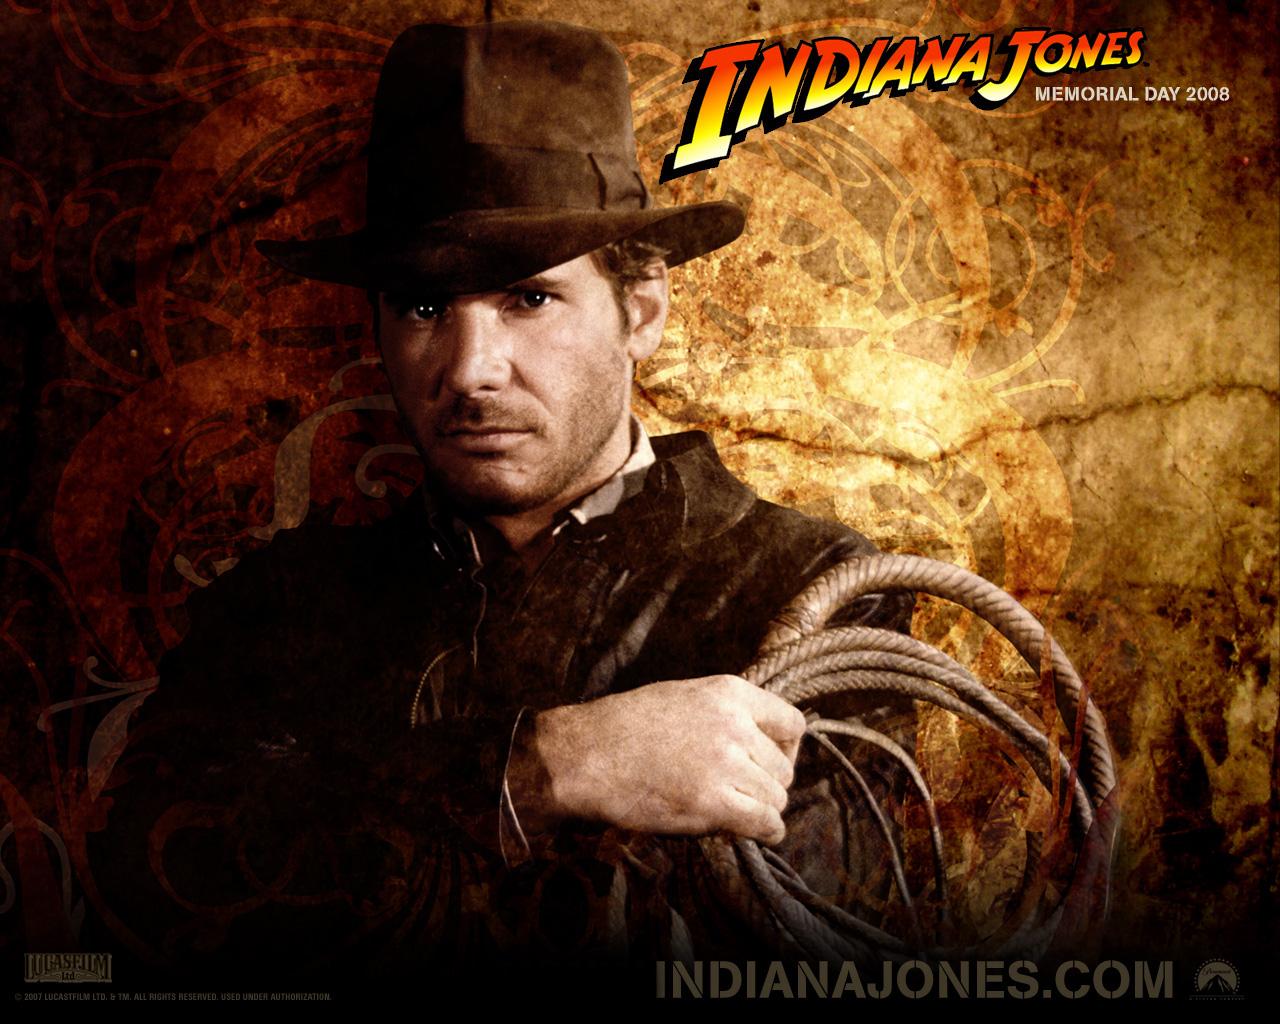 Indian jones 4 sucked